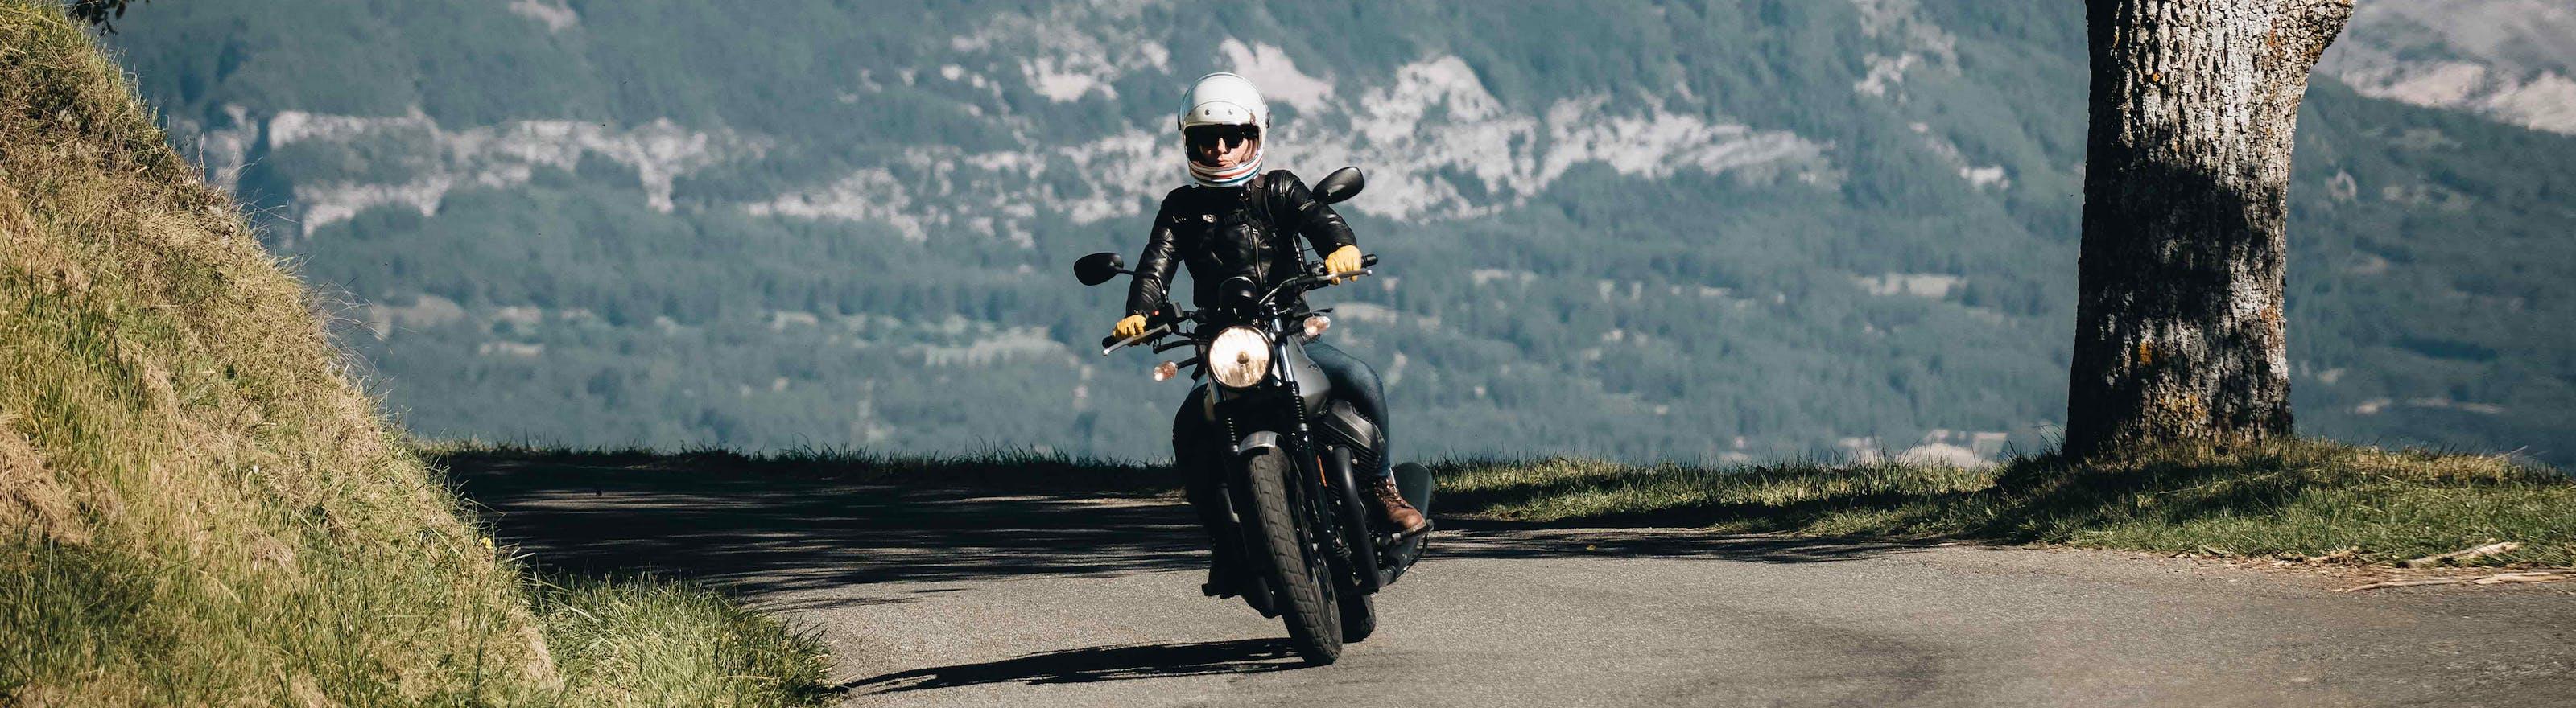 Moto sur la route en montagne